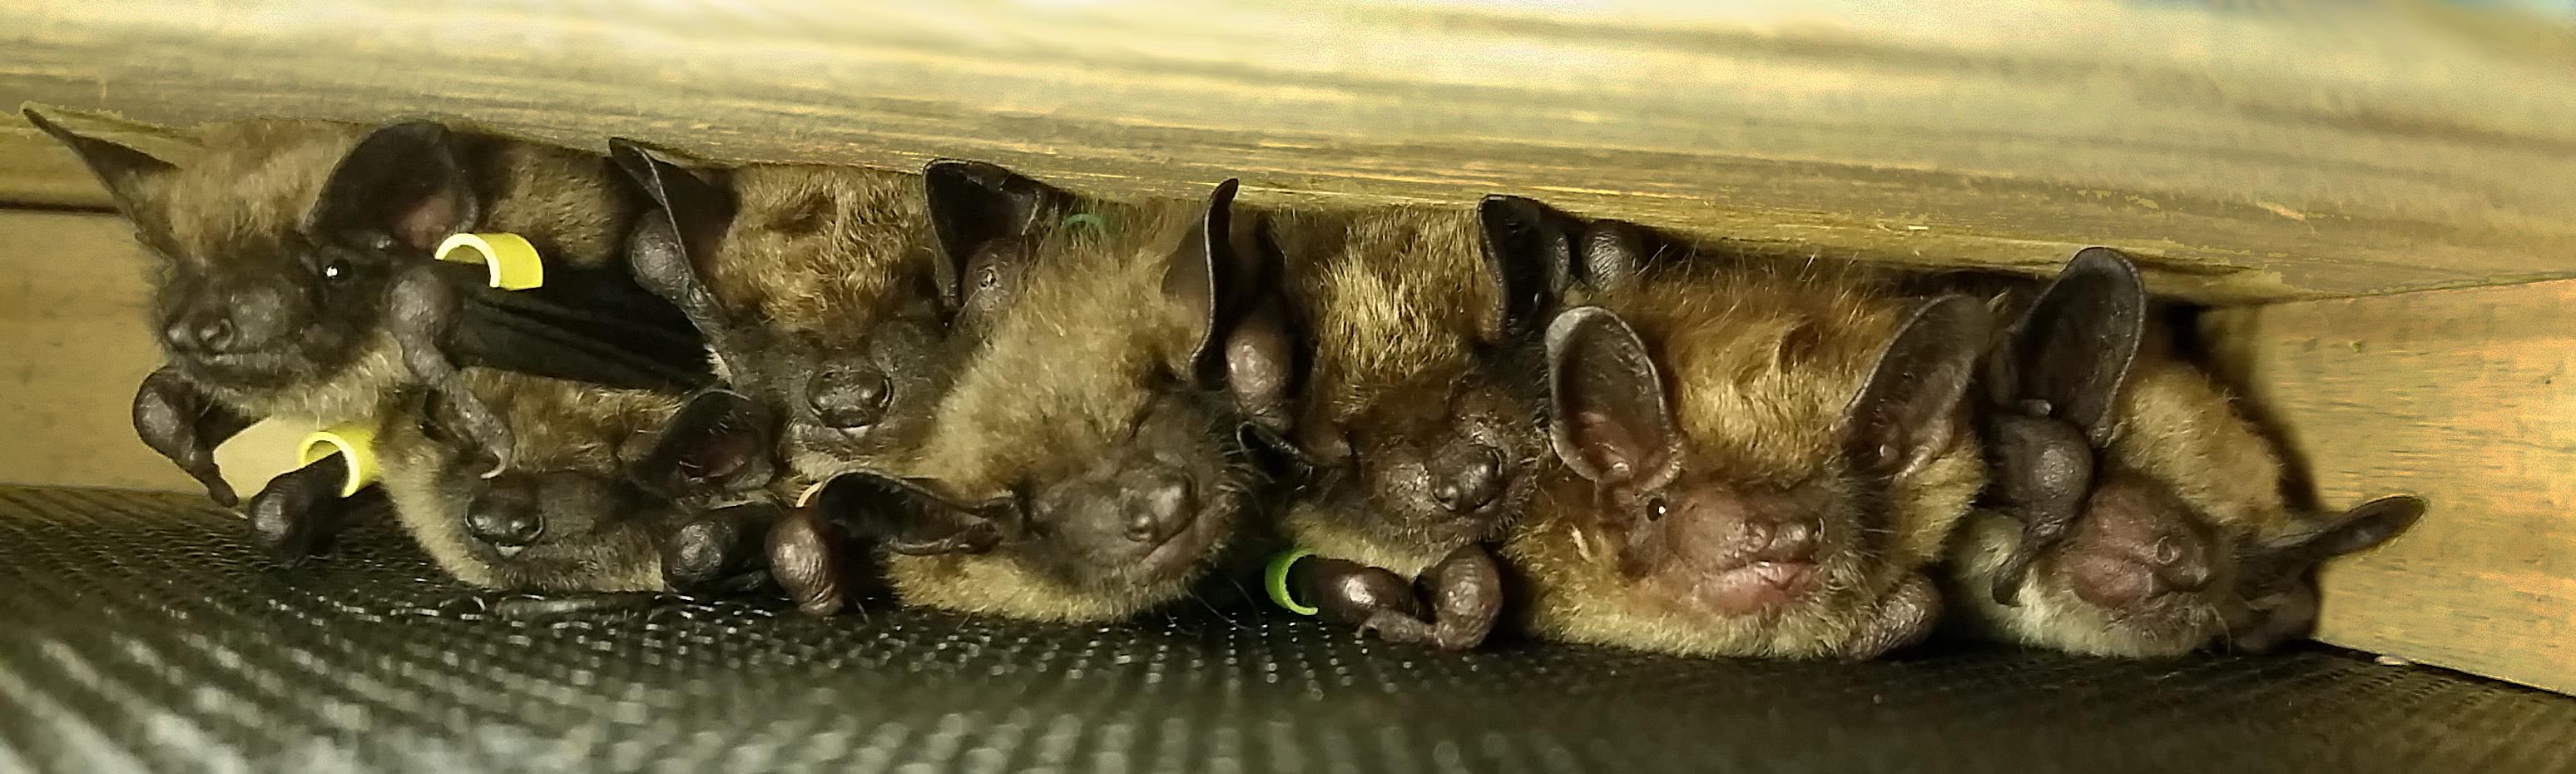 Sassy and baby bat pups